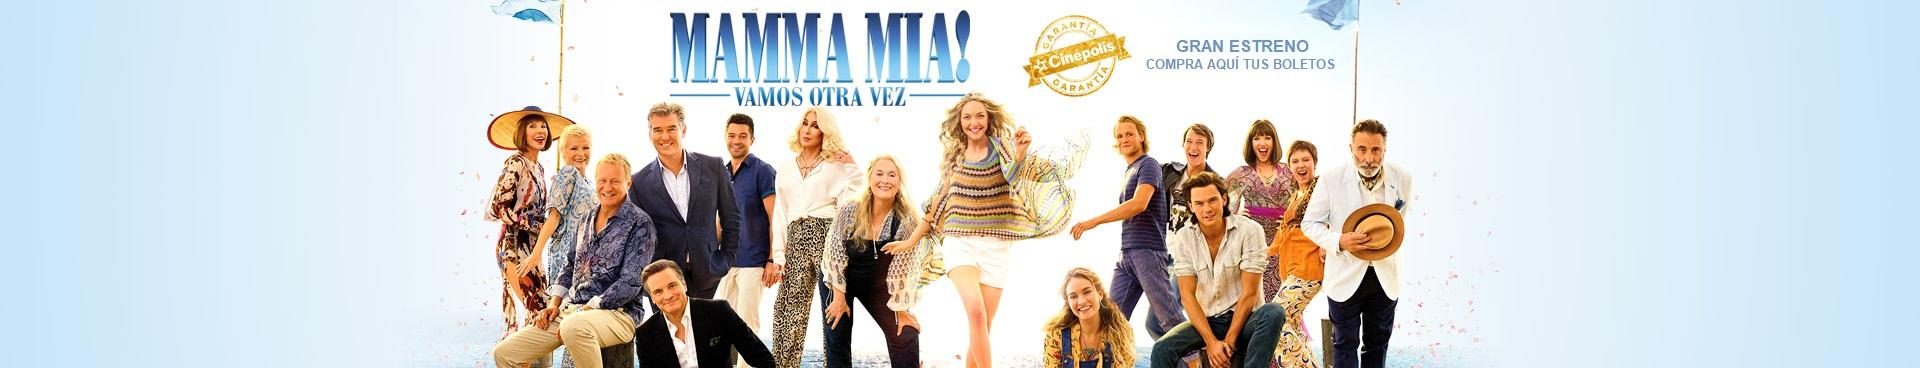 Gran estreno: Mamma Mia